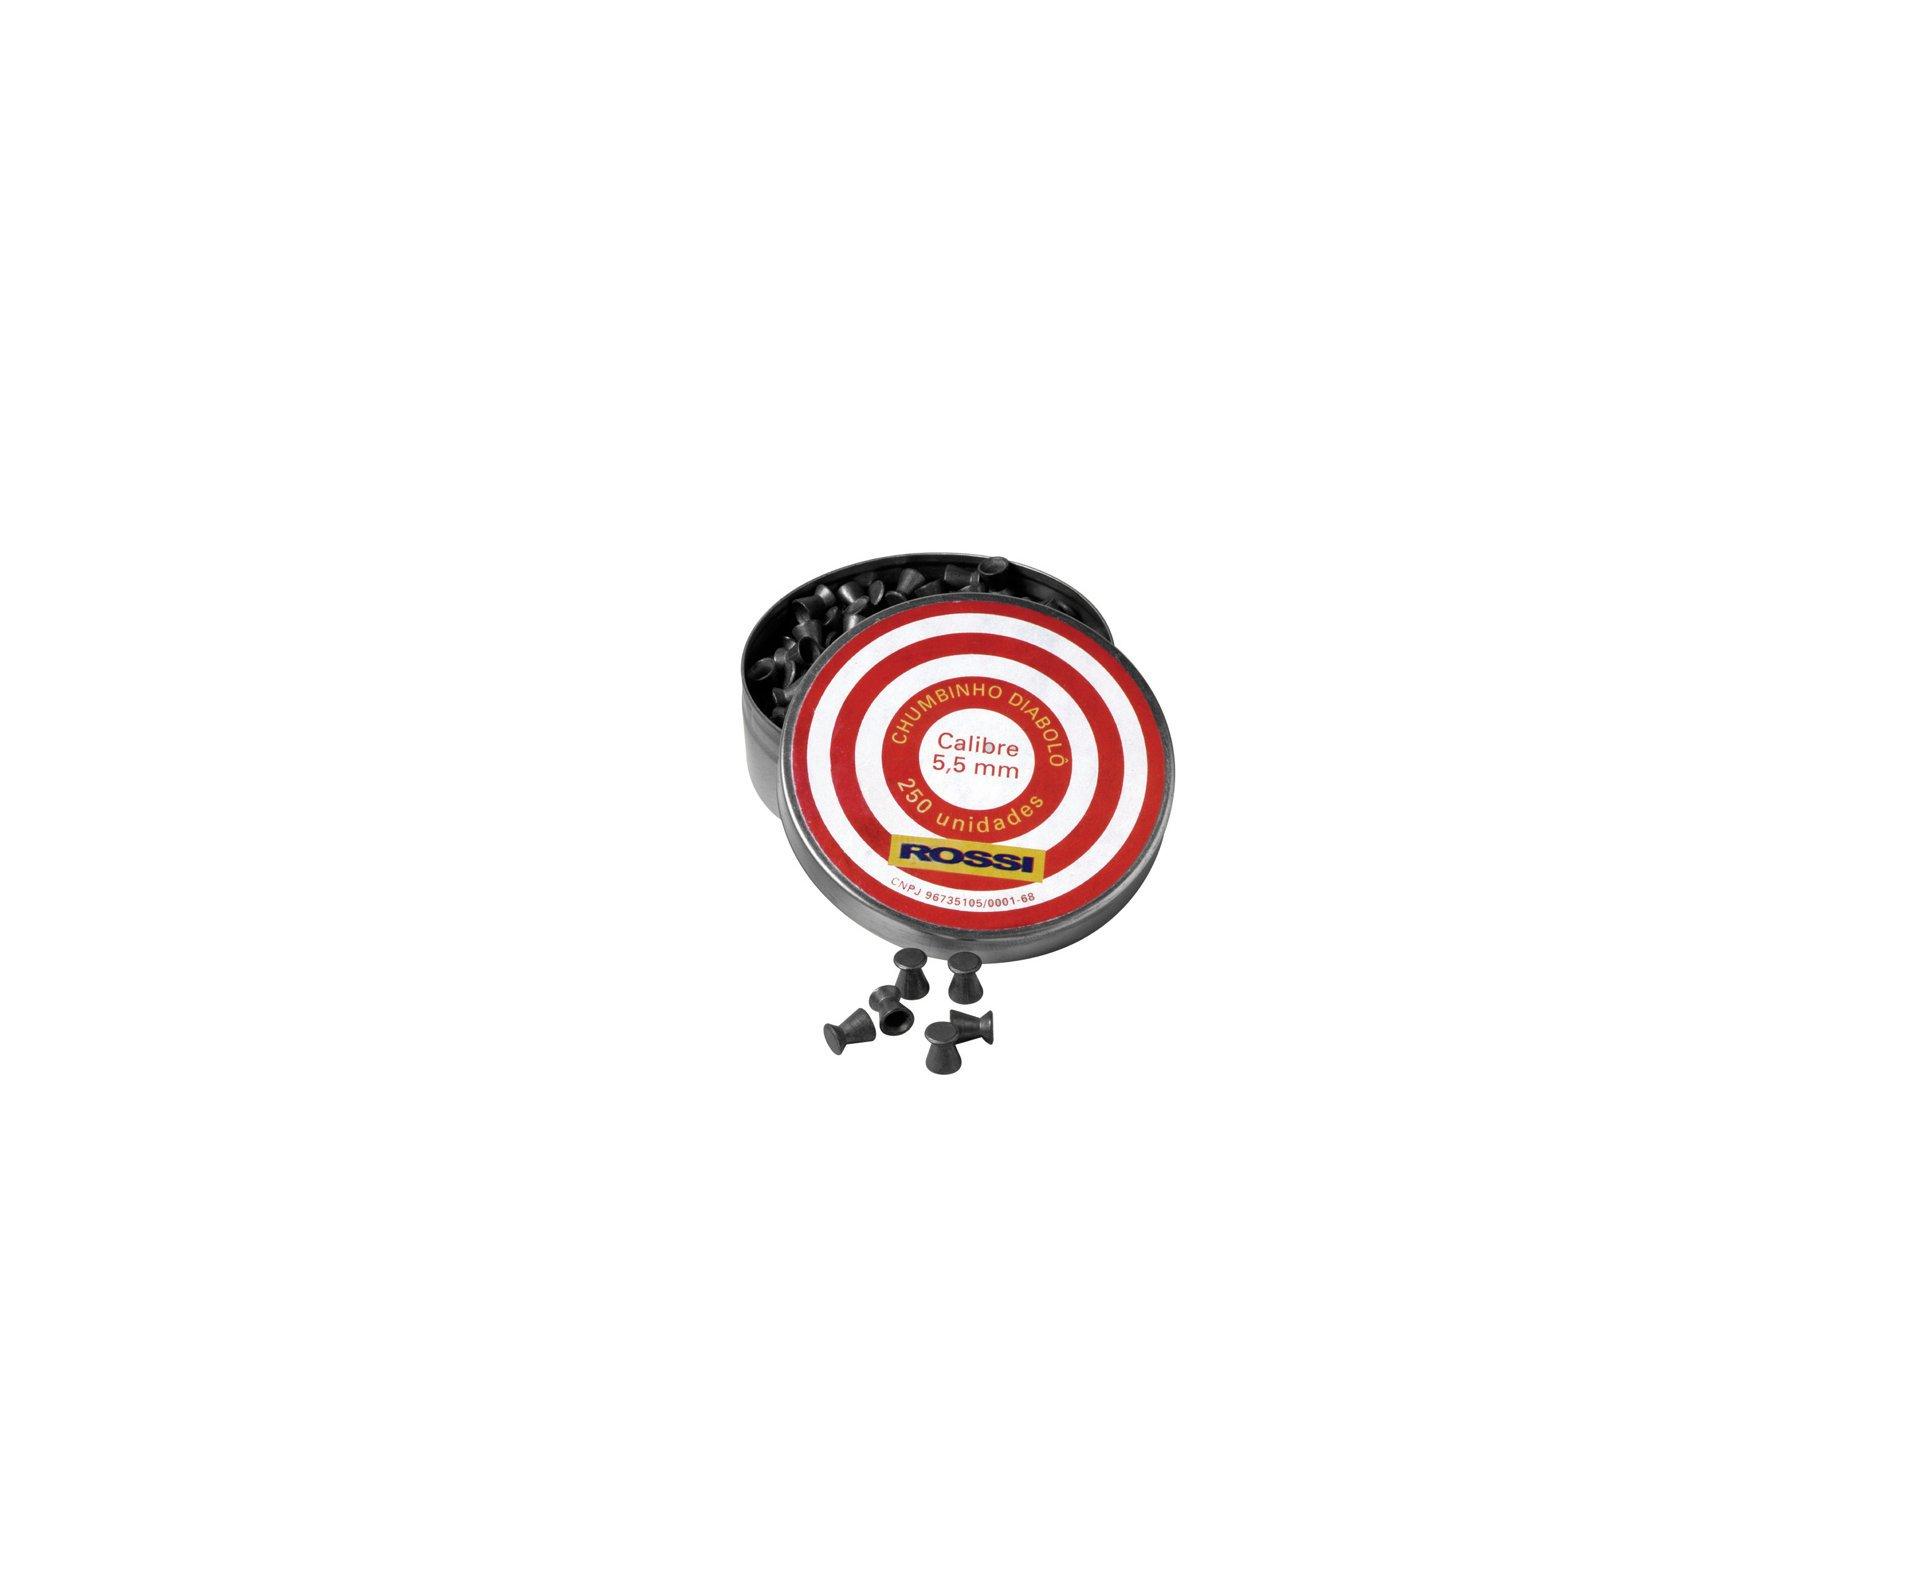 Carabina De Pressão Fênix 400 Galaxy - Gas Ram 455 - Calibre 5,5 Mm + Luneta 4x32 Rossi + Chumbinho + Capa - Cometa